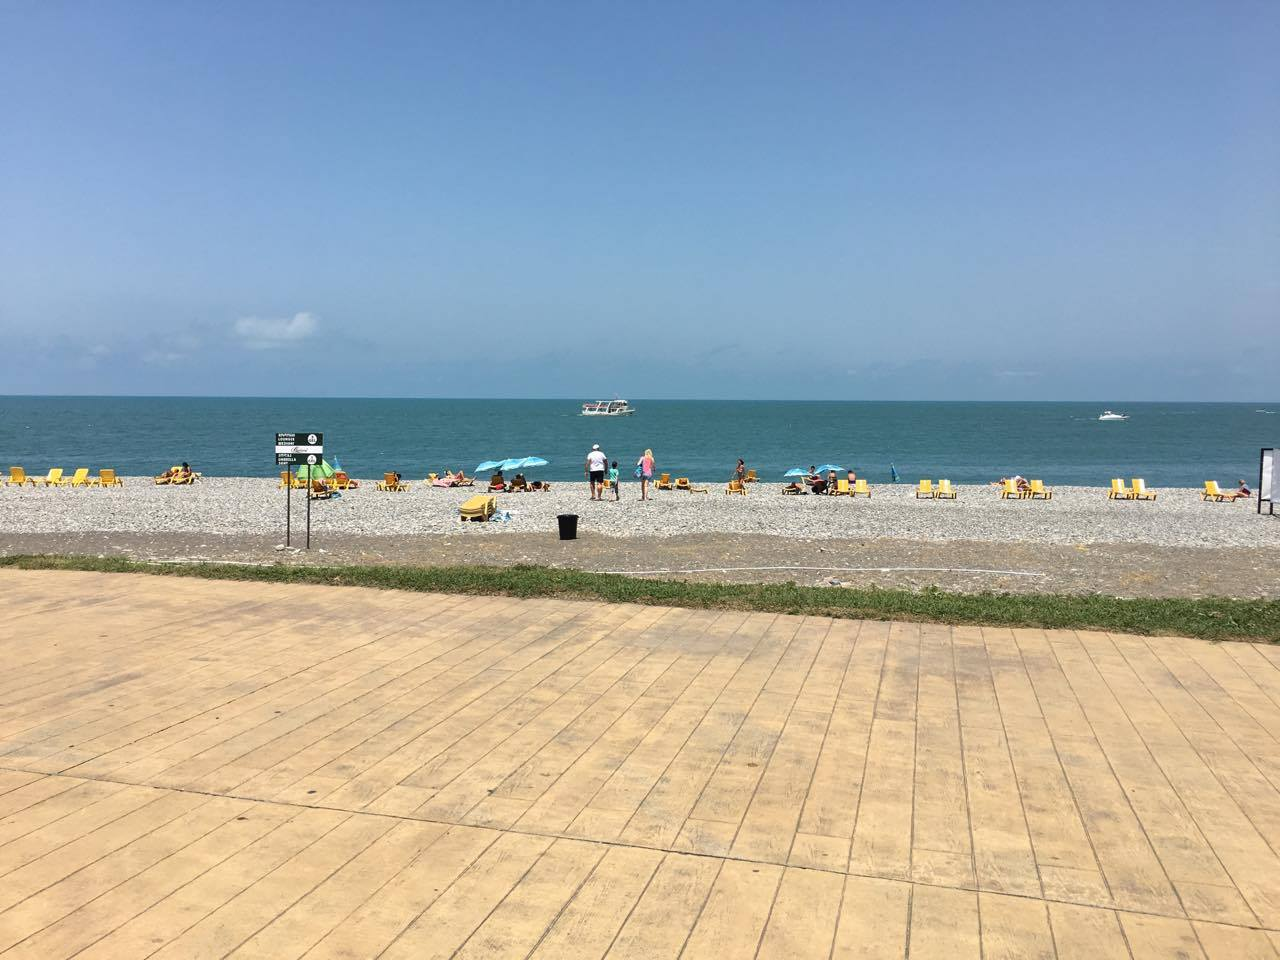 ბათუმის სანაპიროზე შშმ პირთათვის ზღვაში ჩასასვლელი ადაპტირებული ბილიკები მოეწყობა